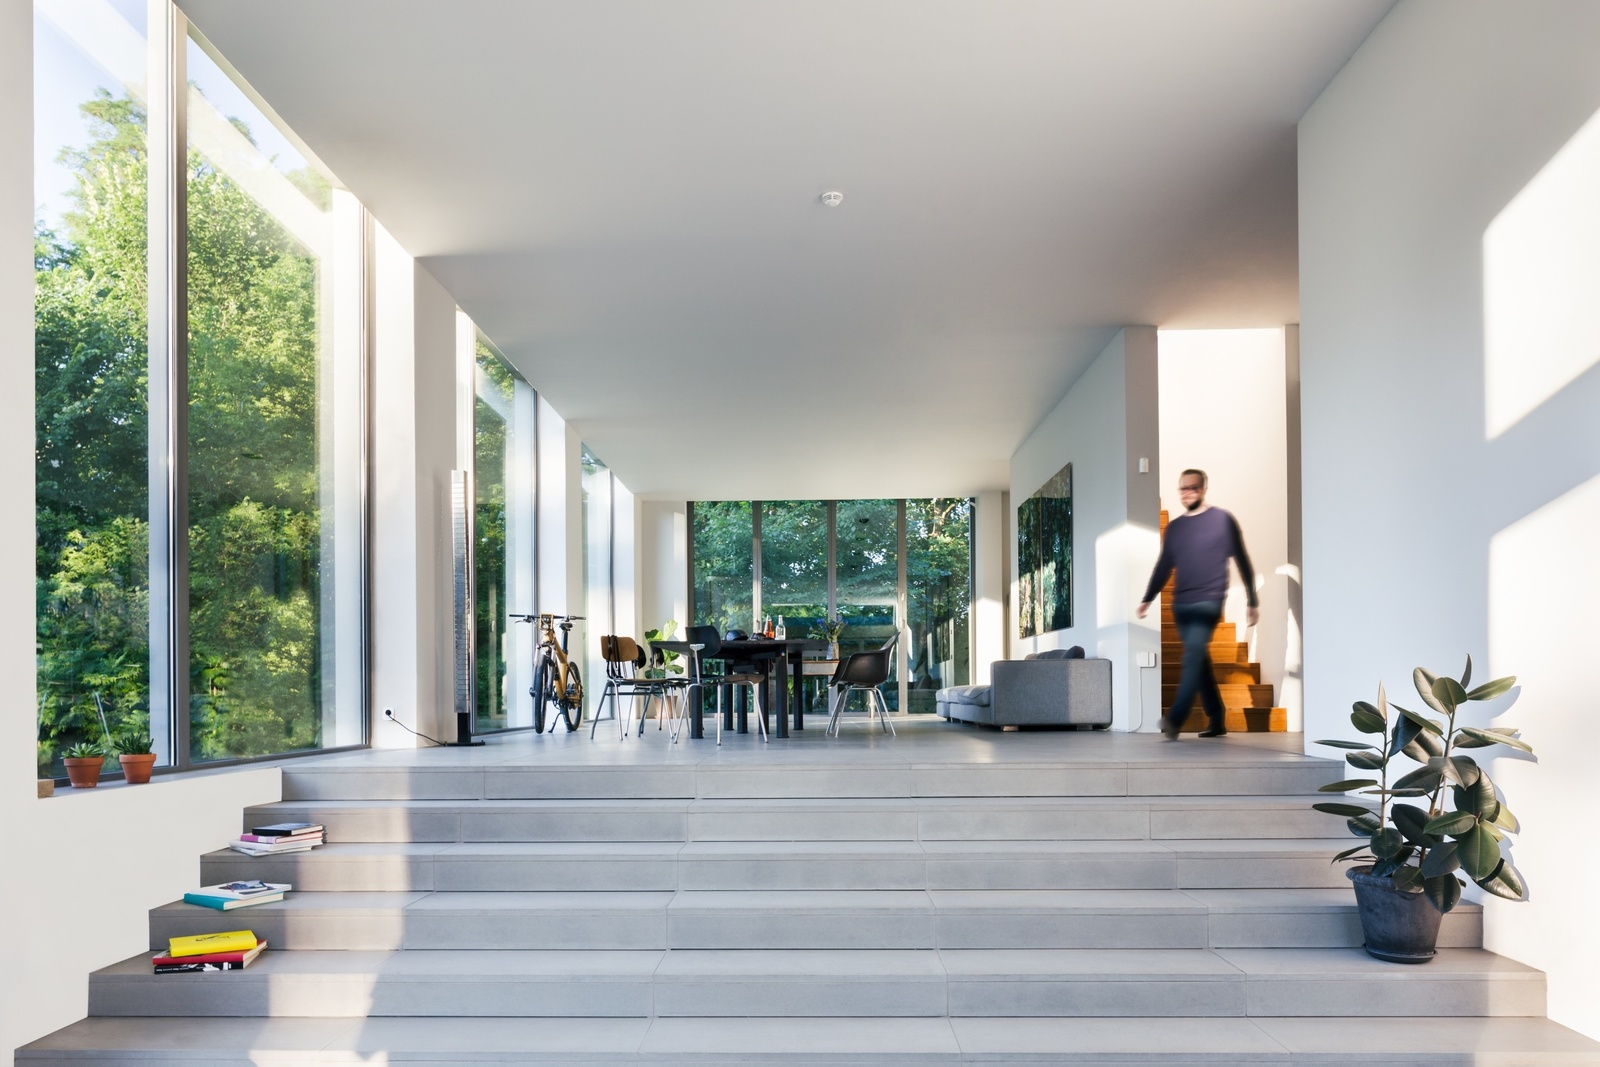 sicher komfortabel und gut vernetzt bosch media service. Black Bedroom Furniture Sets. Home Design Ideas